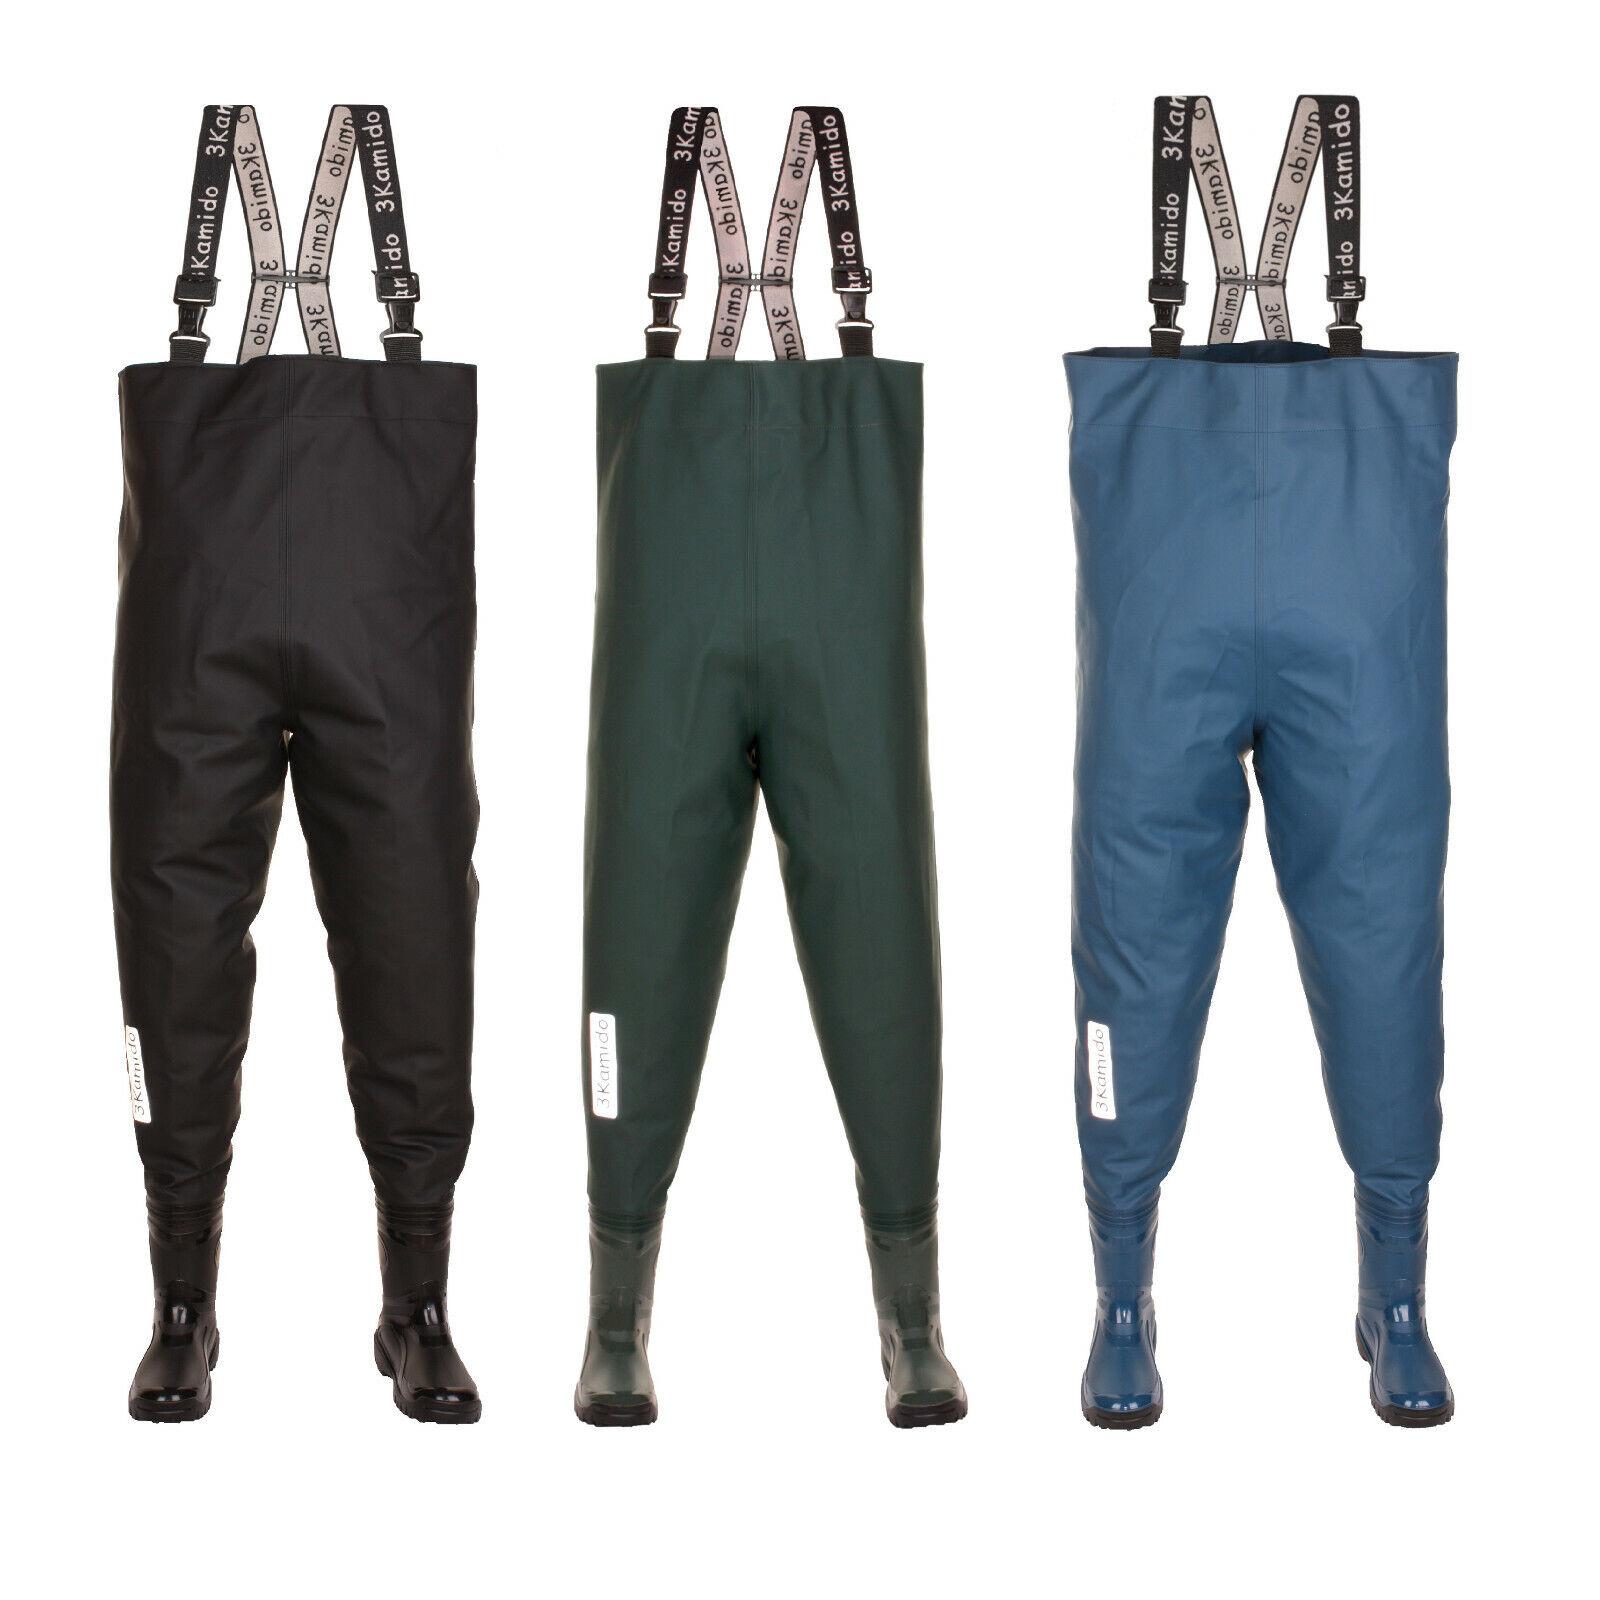 Wathose für Jugendliche Junior jung Anglerhose 36-42 EU Schwarz Grün, Blau denim